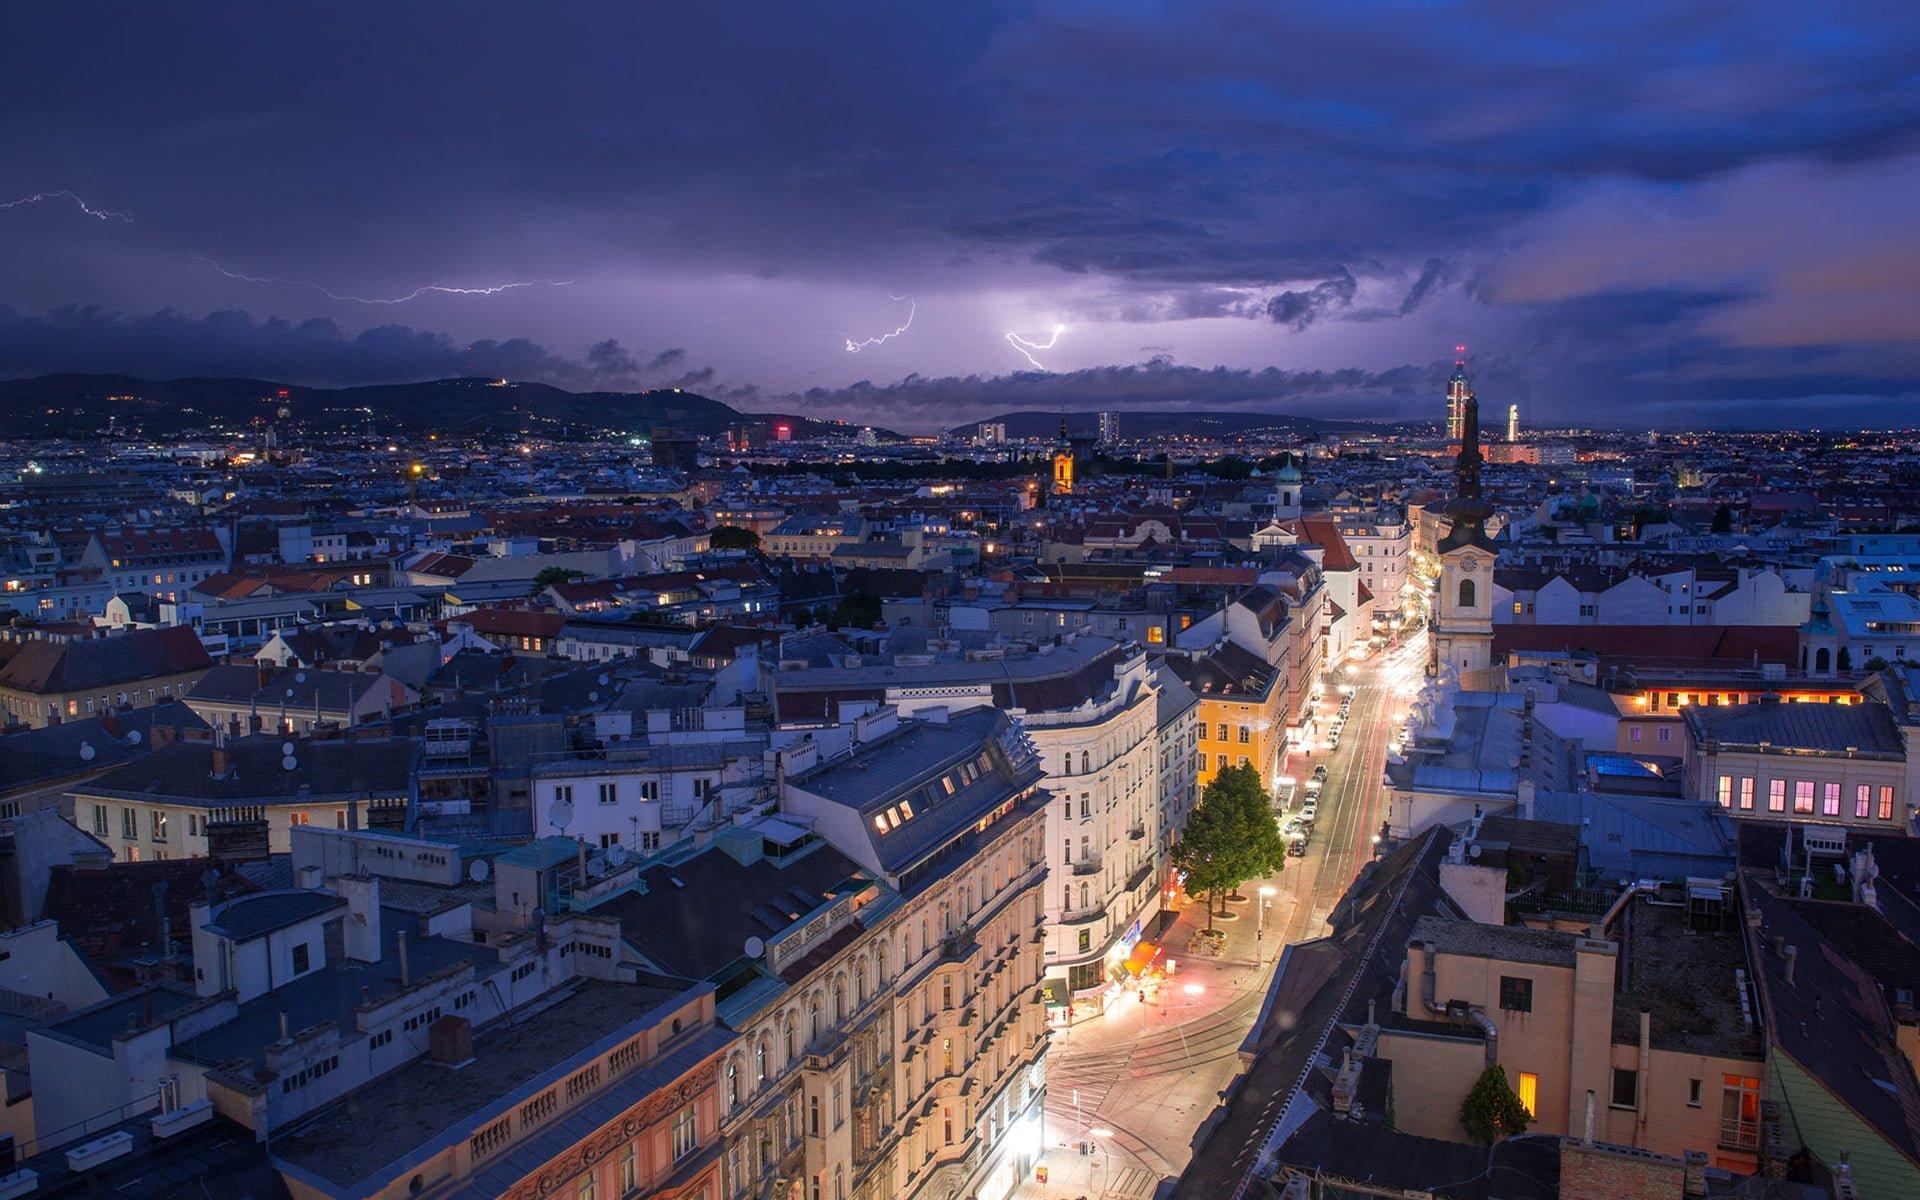 Avusturya - Viyana'dan muhteşem gece manzarası